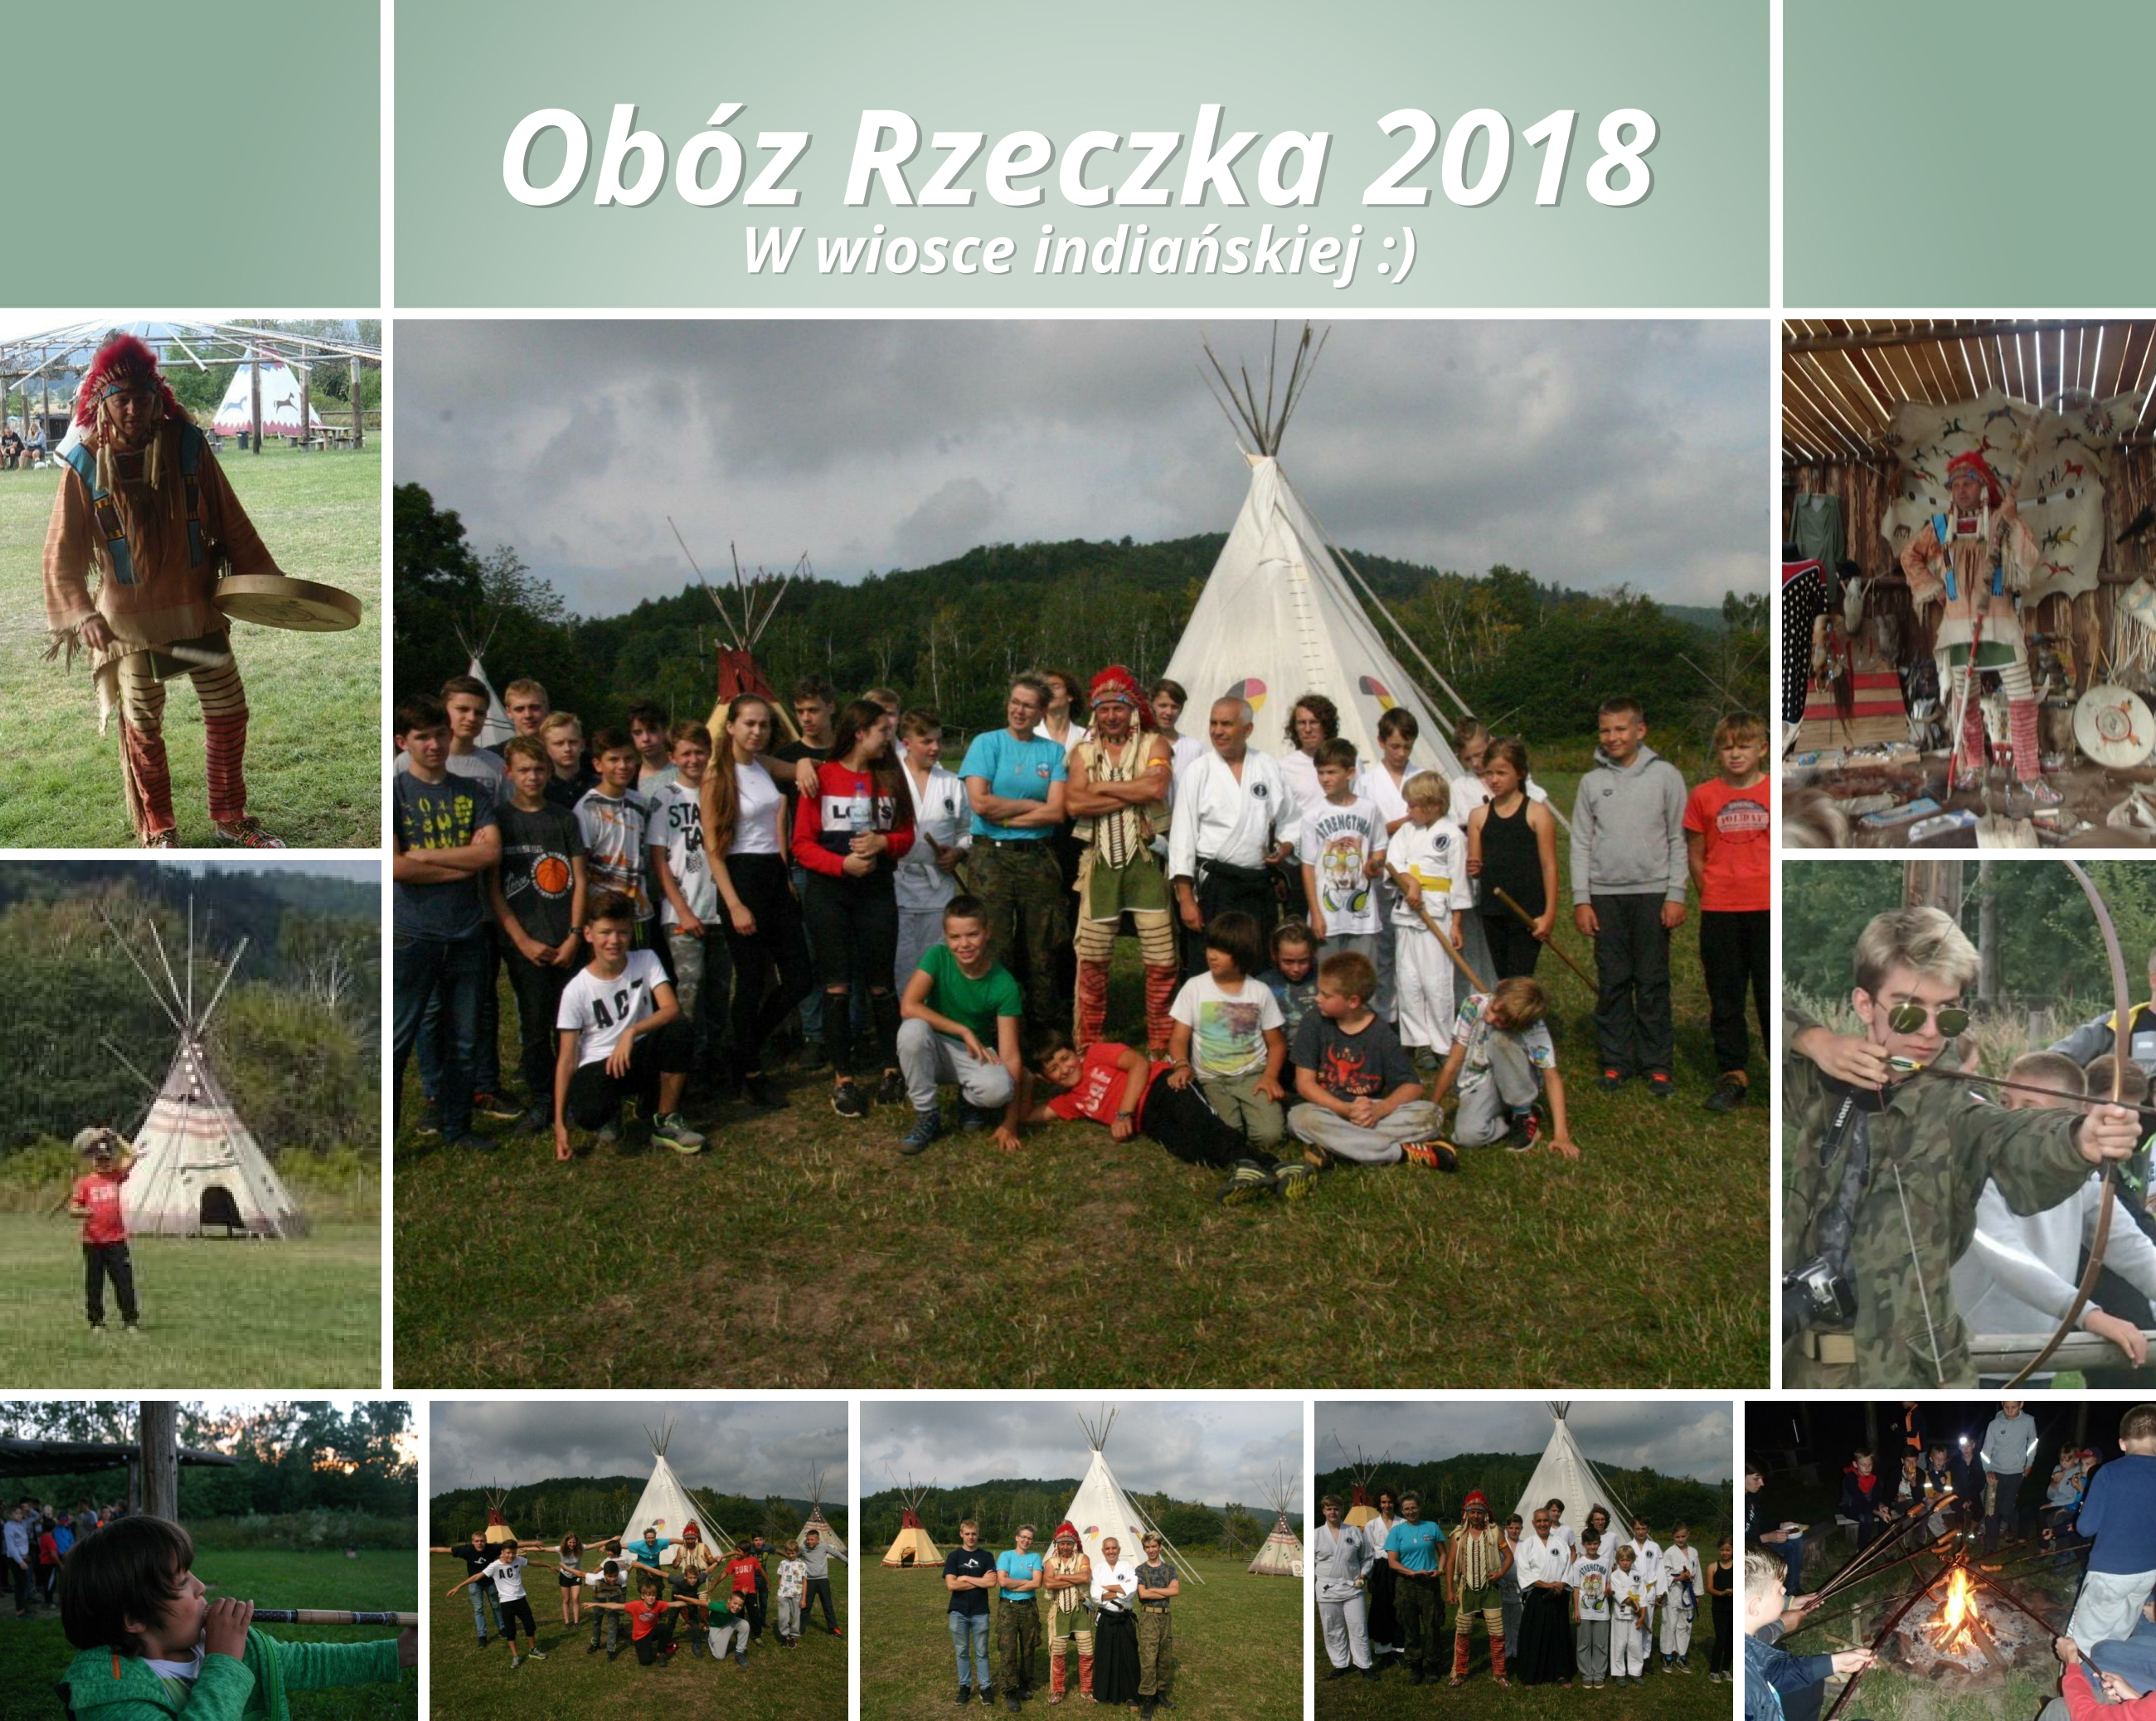 Obóz Rzeczka 2018 – wioska indińska